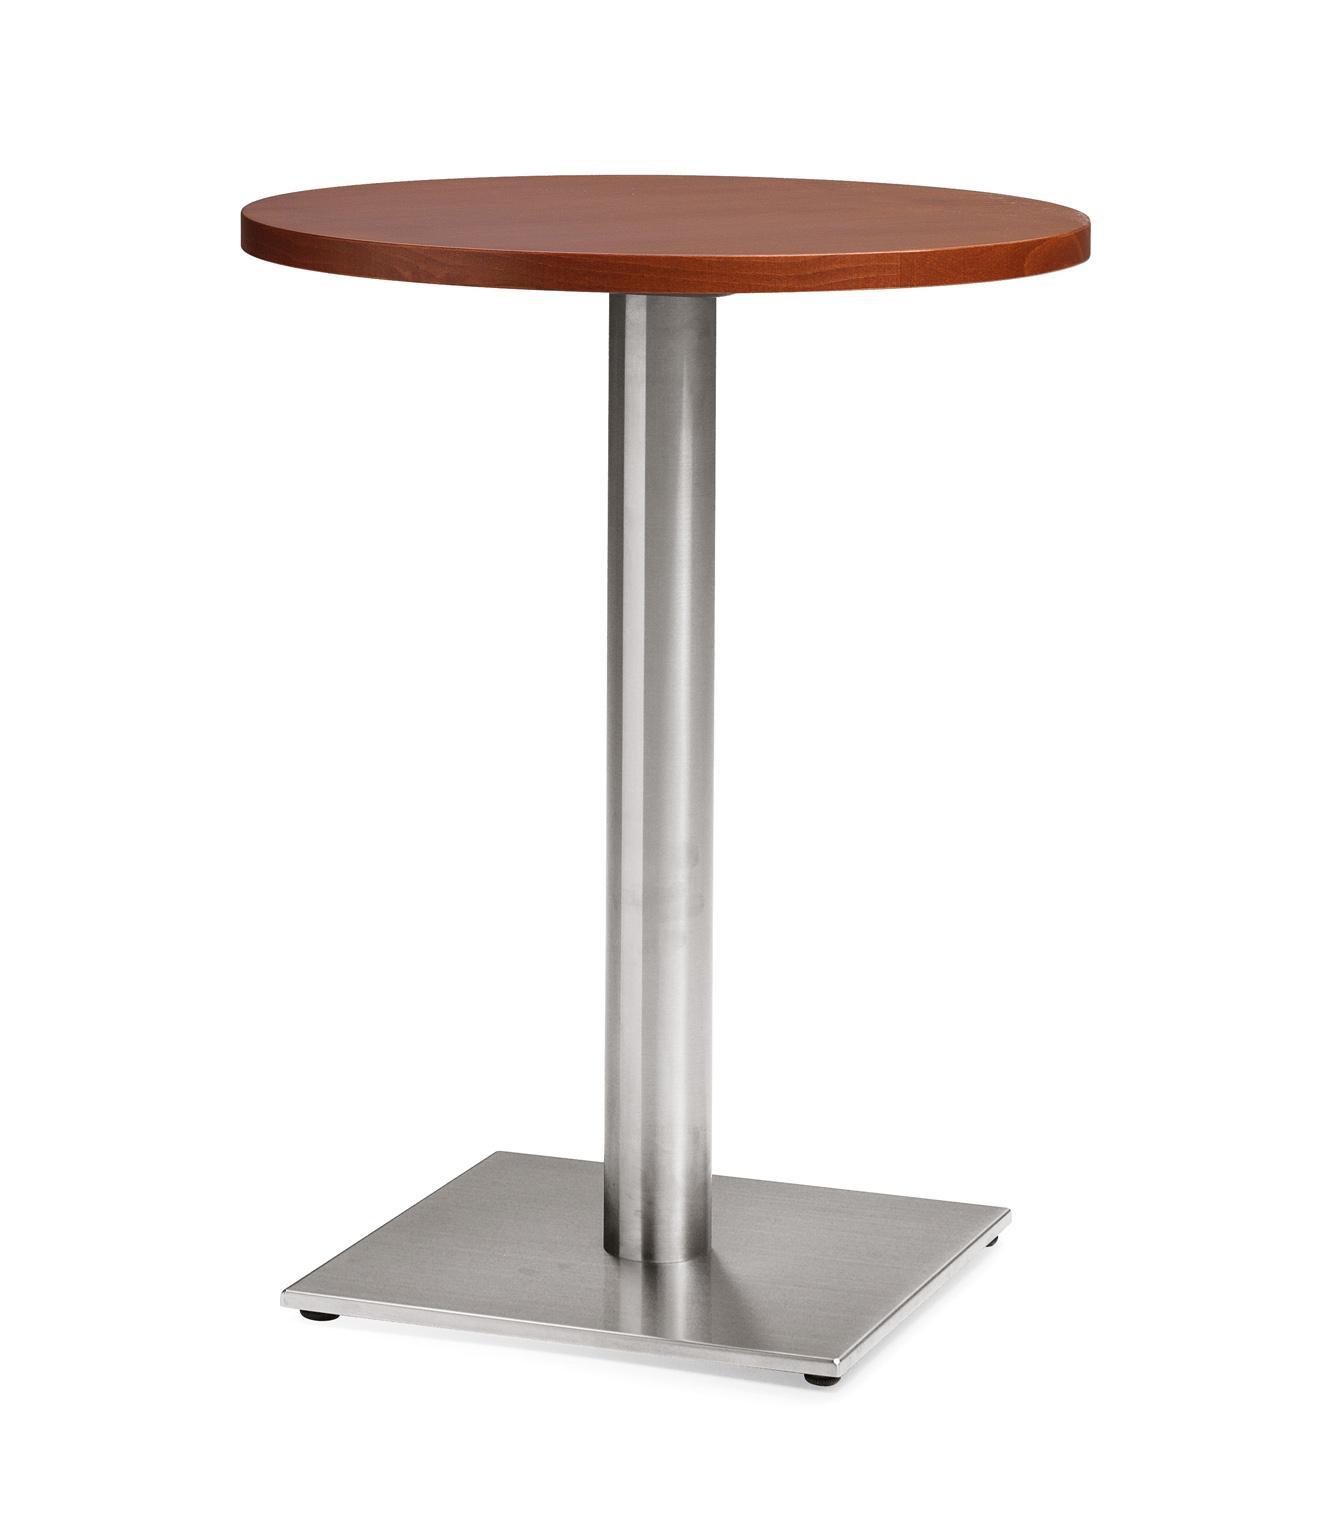 Tavoli Per Bar Design 4.0 1000.0 Pezzi #79361E 1337 1520 Ikea Tavoli In Vetro